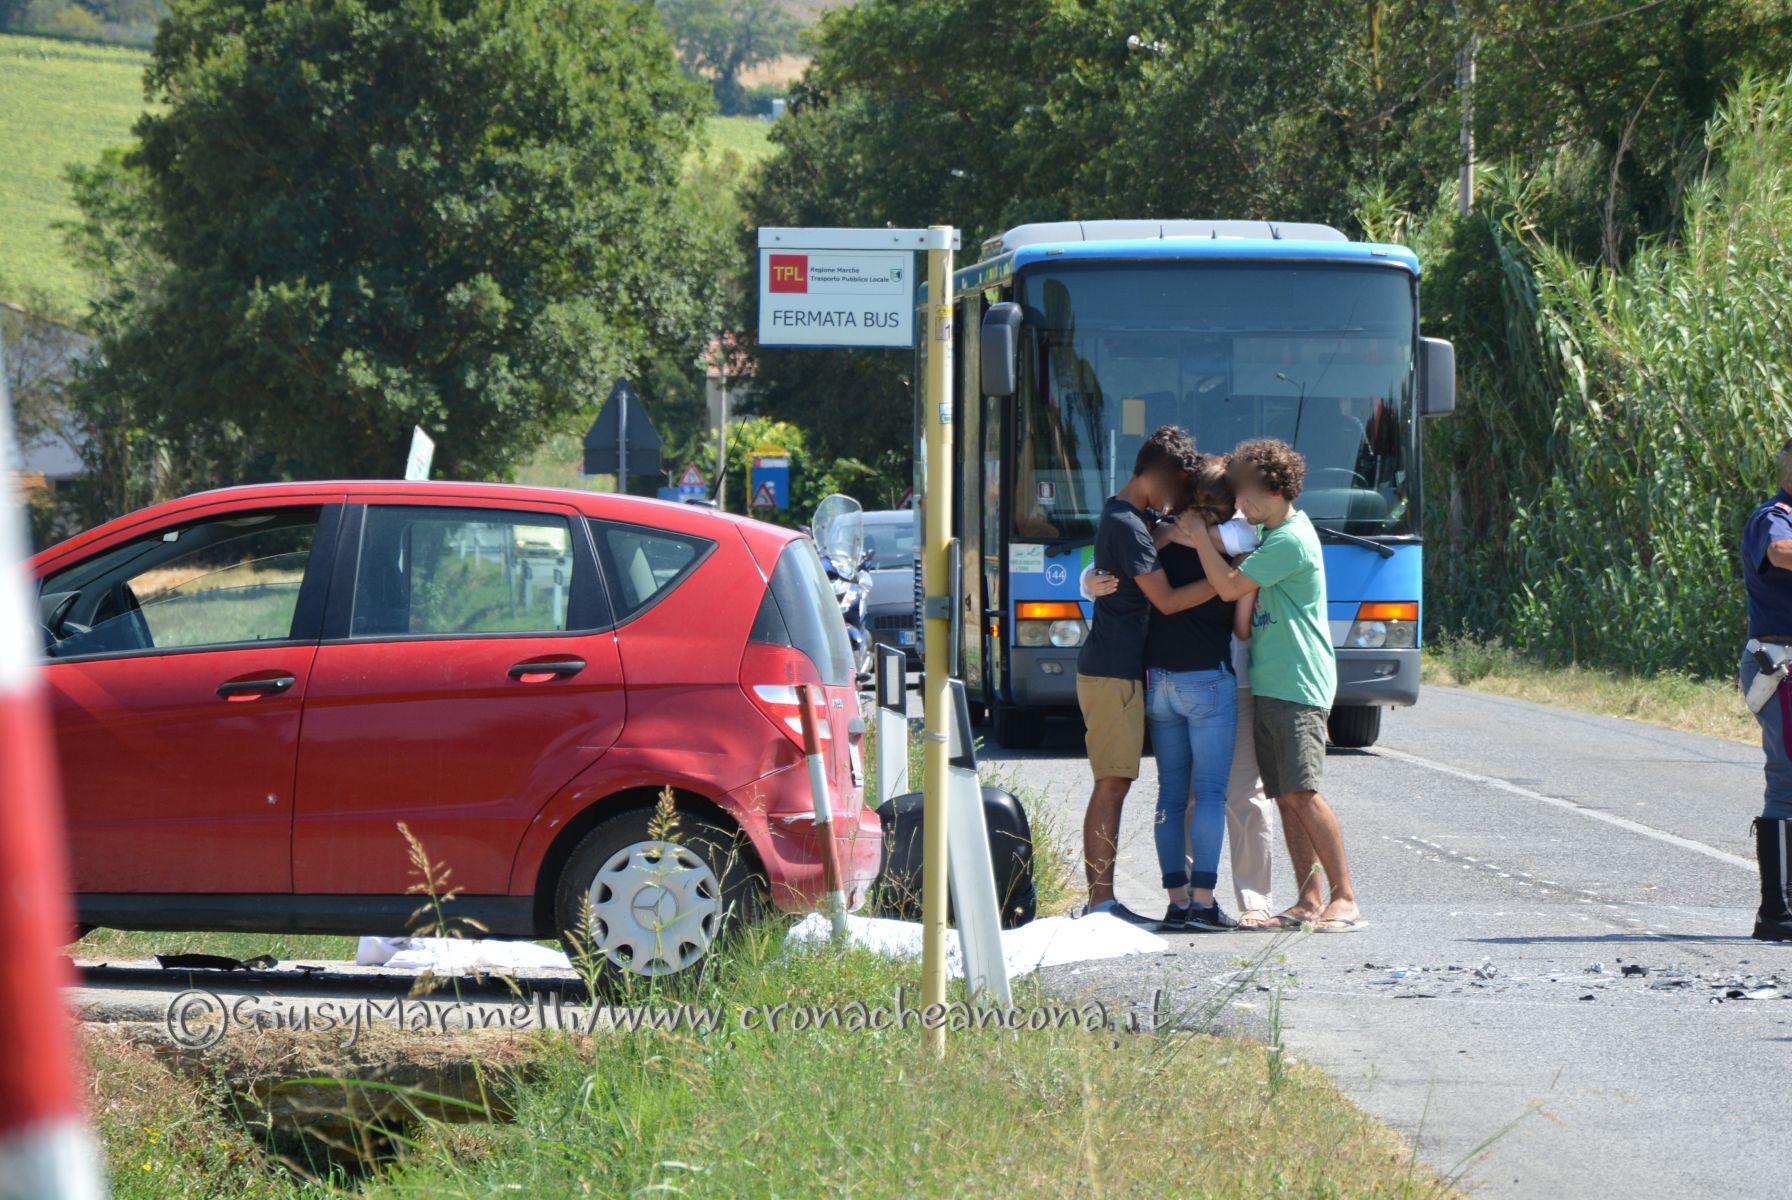 incidente_Camerano-Chiucconi-DSC_0626